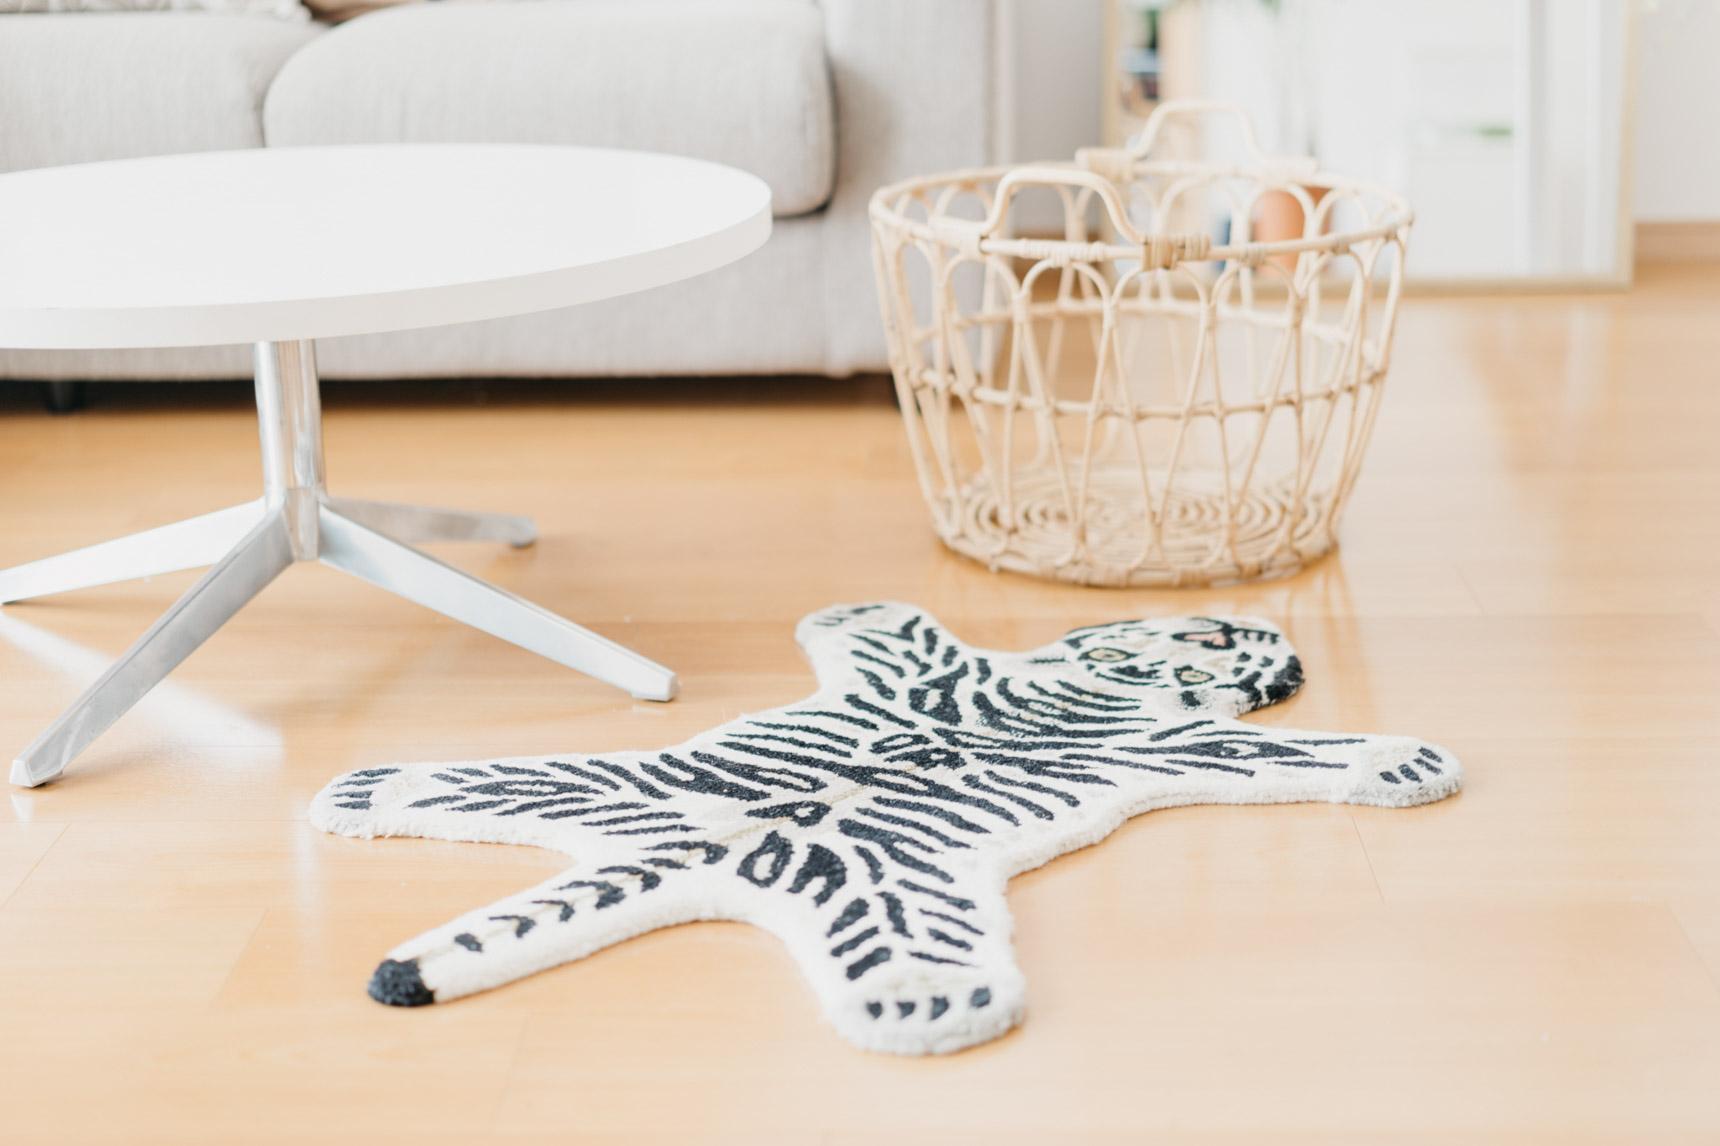 可愛らしいアイテムもところどころ混ぜて、お部屋のポイントに。こちらはunicoで購入したホワイトタイガーのルームマット。